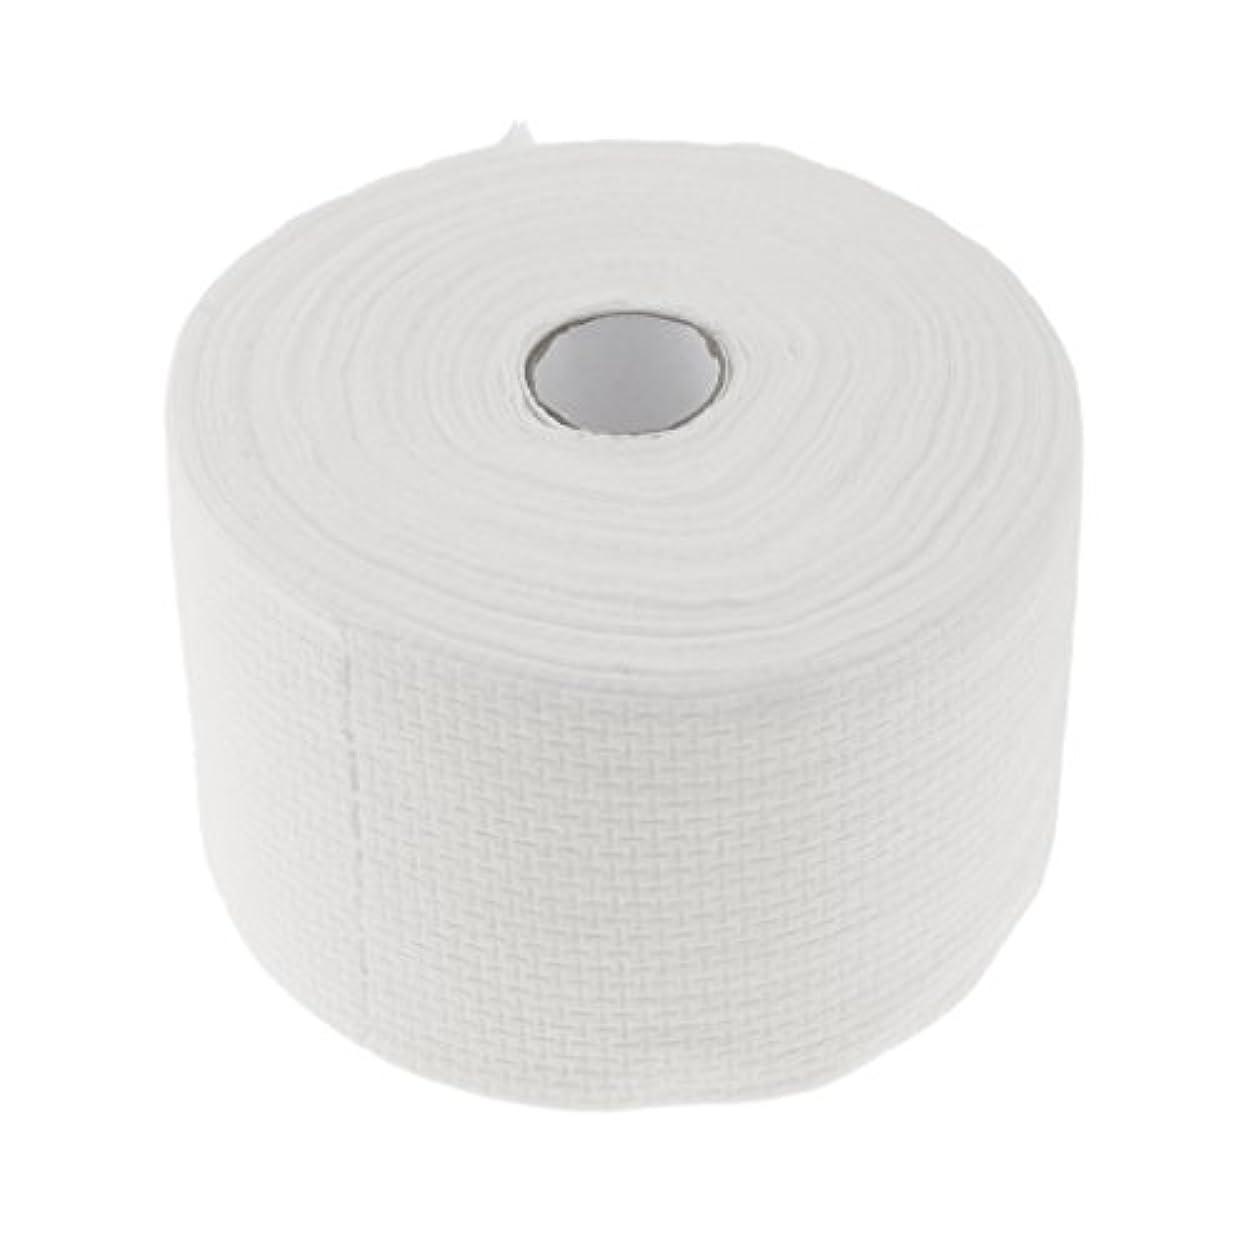 ボタン膜雪だるまを作る使い捨てタオル ロール式 洗顔タオル 30M 高品質 スキンケア 2タイプ選べる - #1